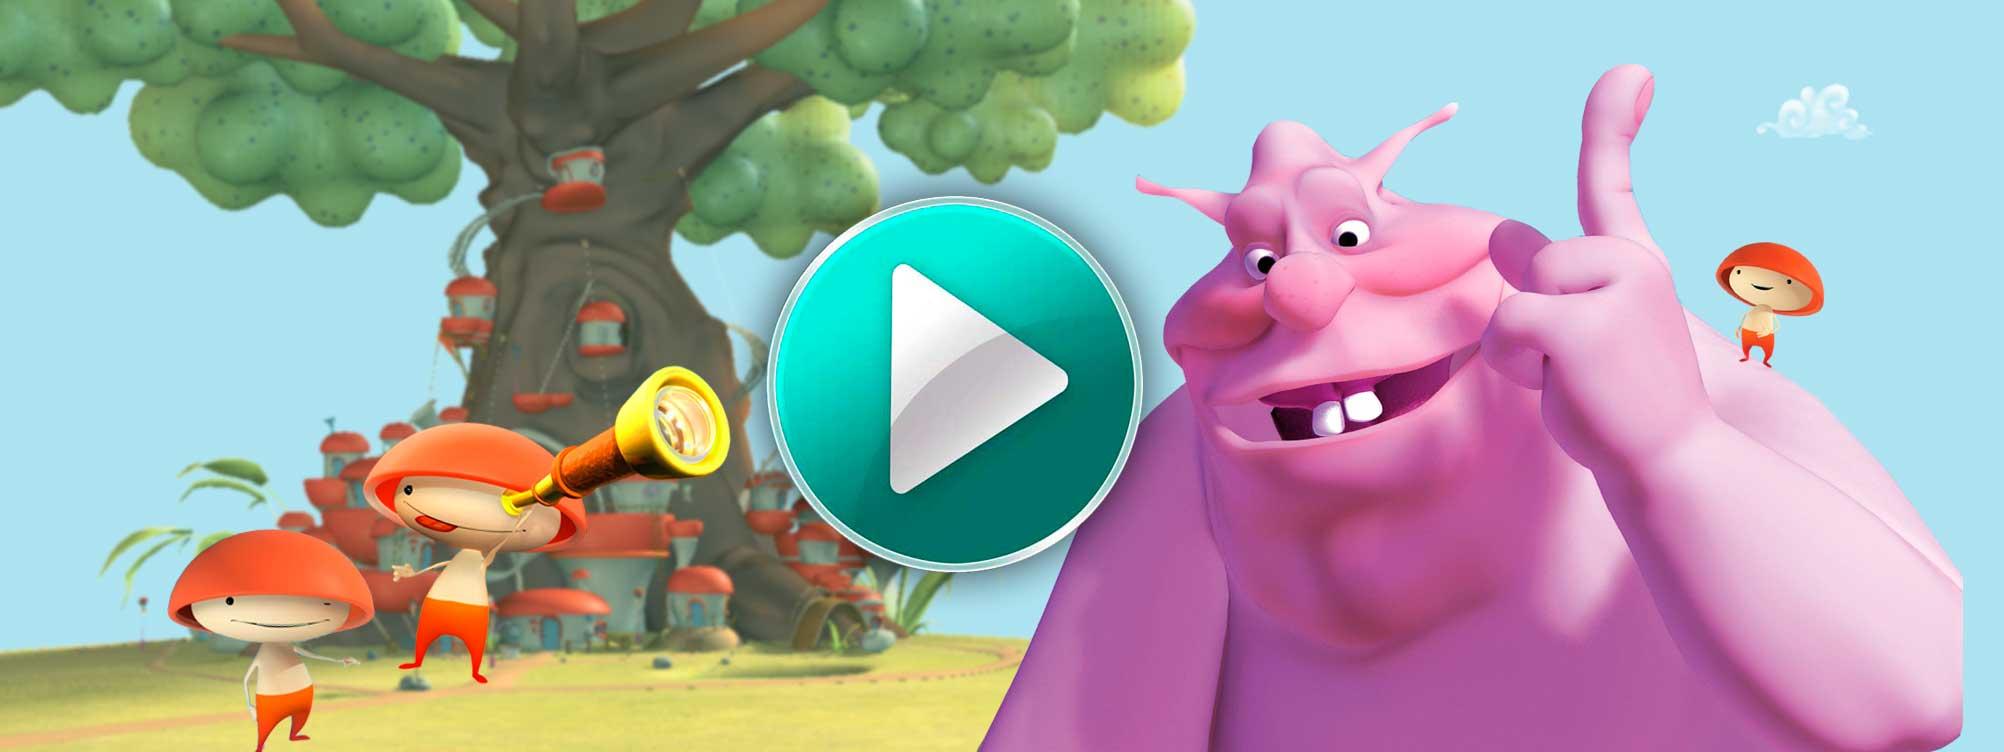 boom-reds-video-dibujos-animados-preescolar-infantiles